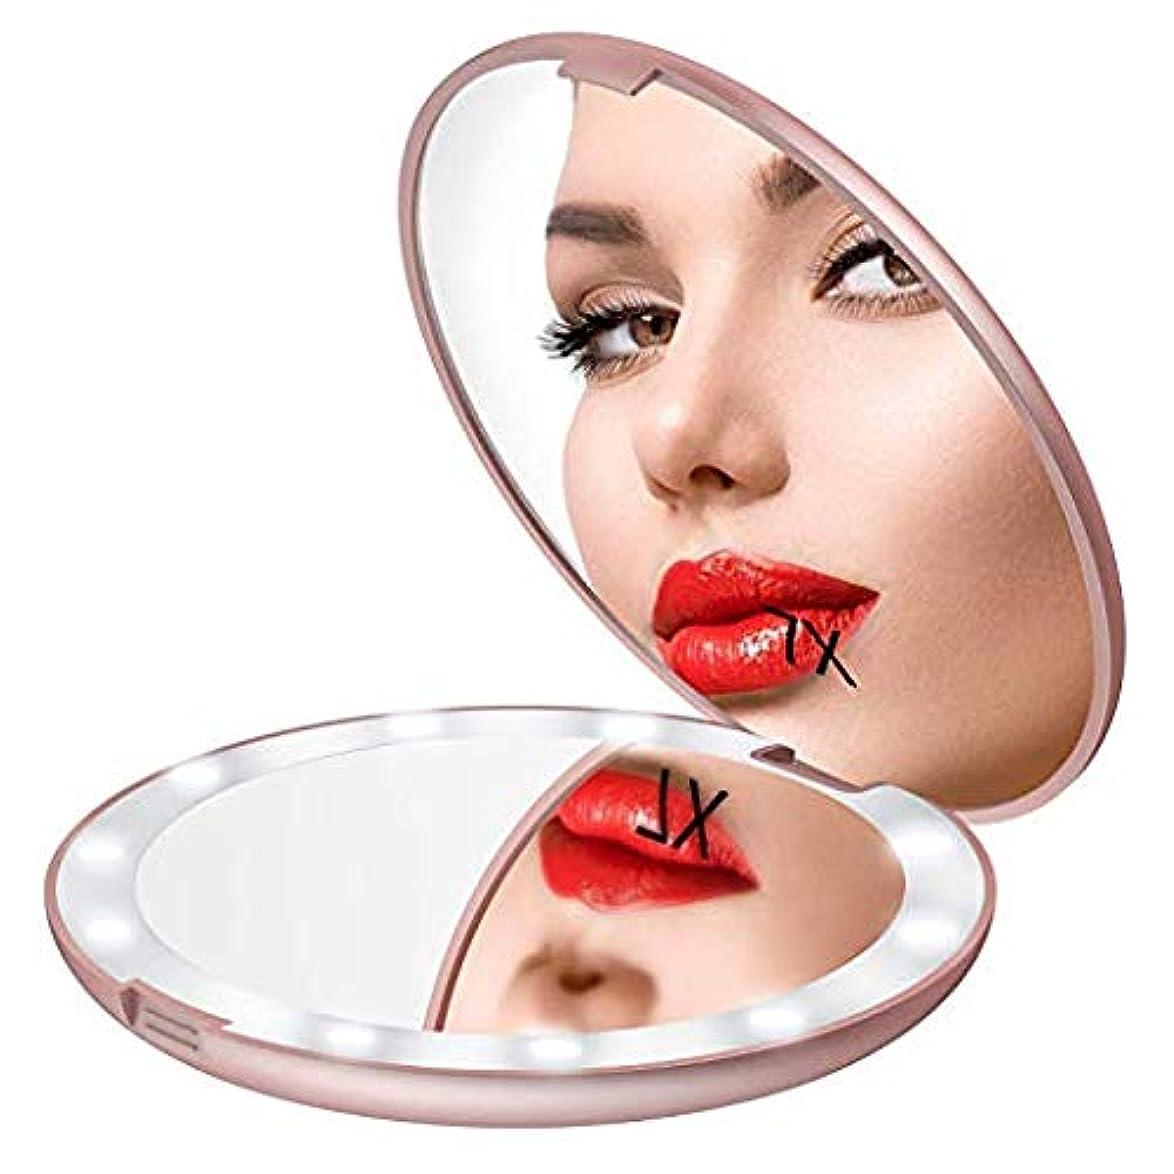 平均ギャロップコカインGospire 化粧鏡 7倍拡大鏡 携帯ミラー 化粧ミラー LEDライト 手鏡 折りたたみ式 コンパクト 角度調整可 (ピンクゴールド)